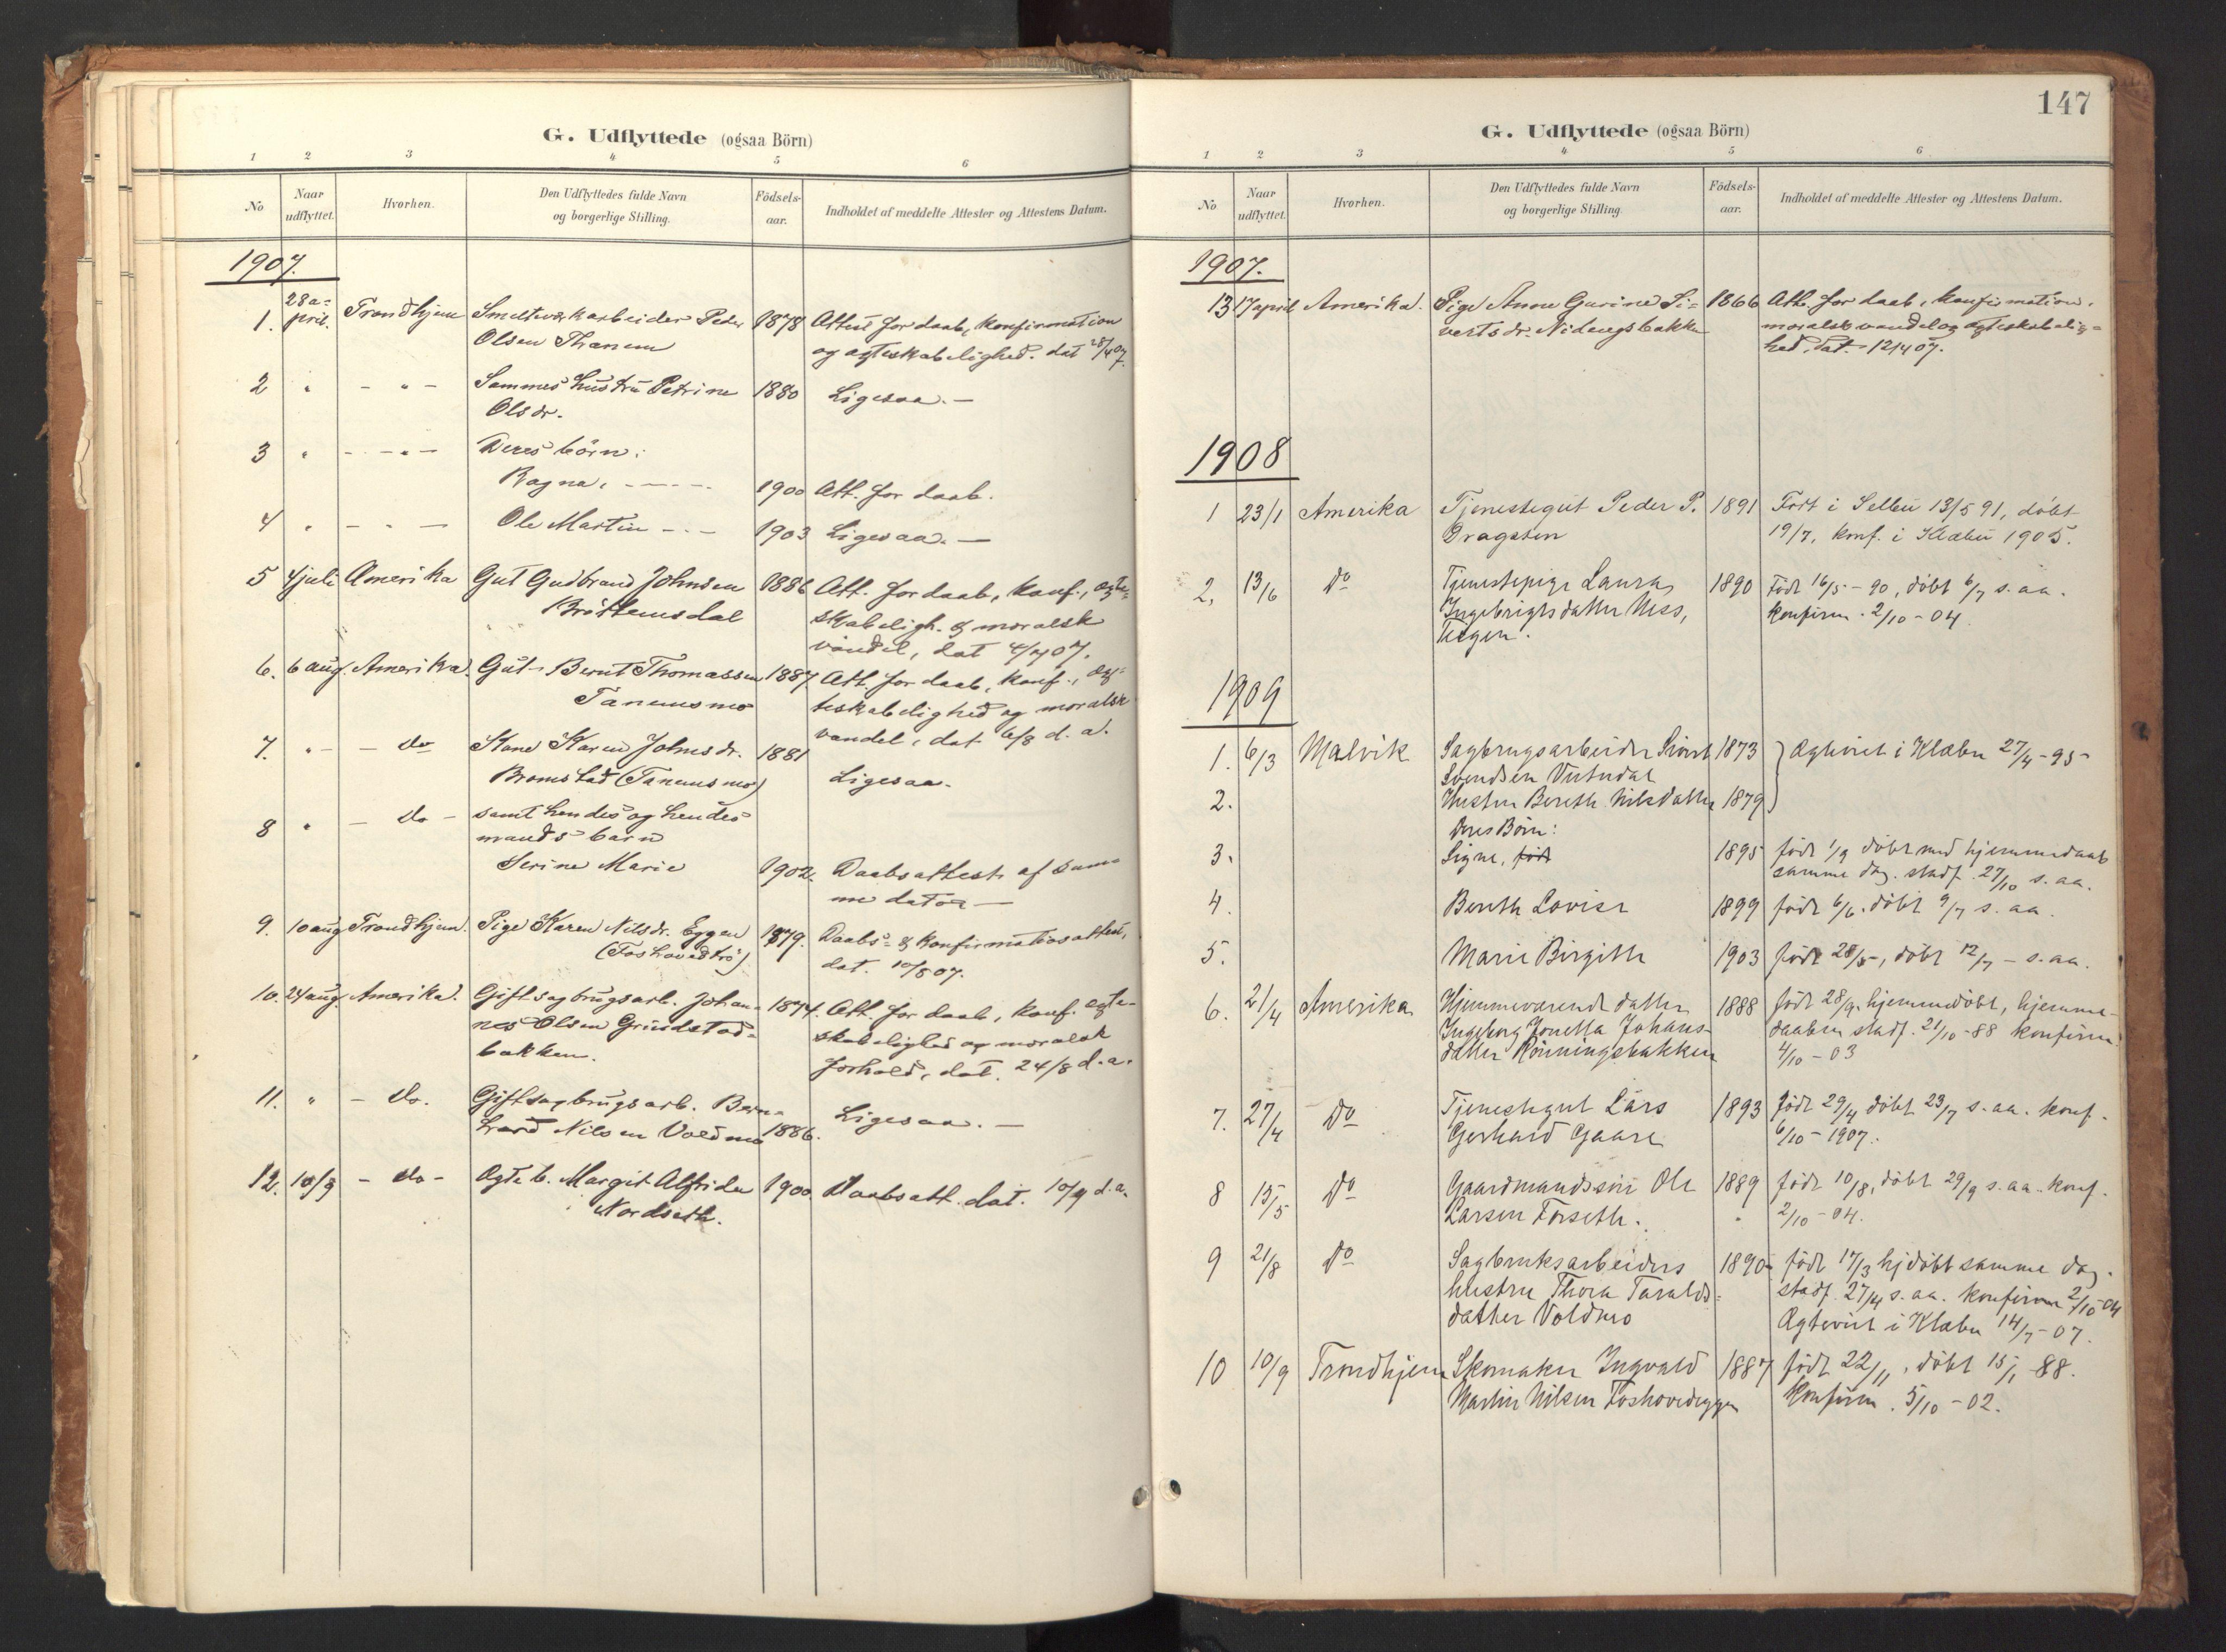 SAT, Ministerialprotokoller, klokkerbøker og fødselsregistre - Sør-Trøndelag, 618/L0448: Ministerialbok nr. 618A11, 1898-1916, s. 147